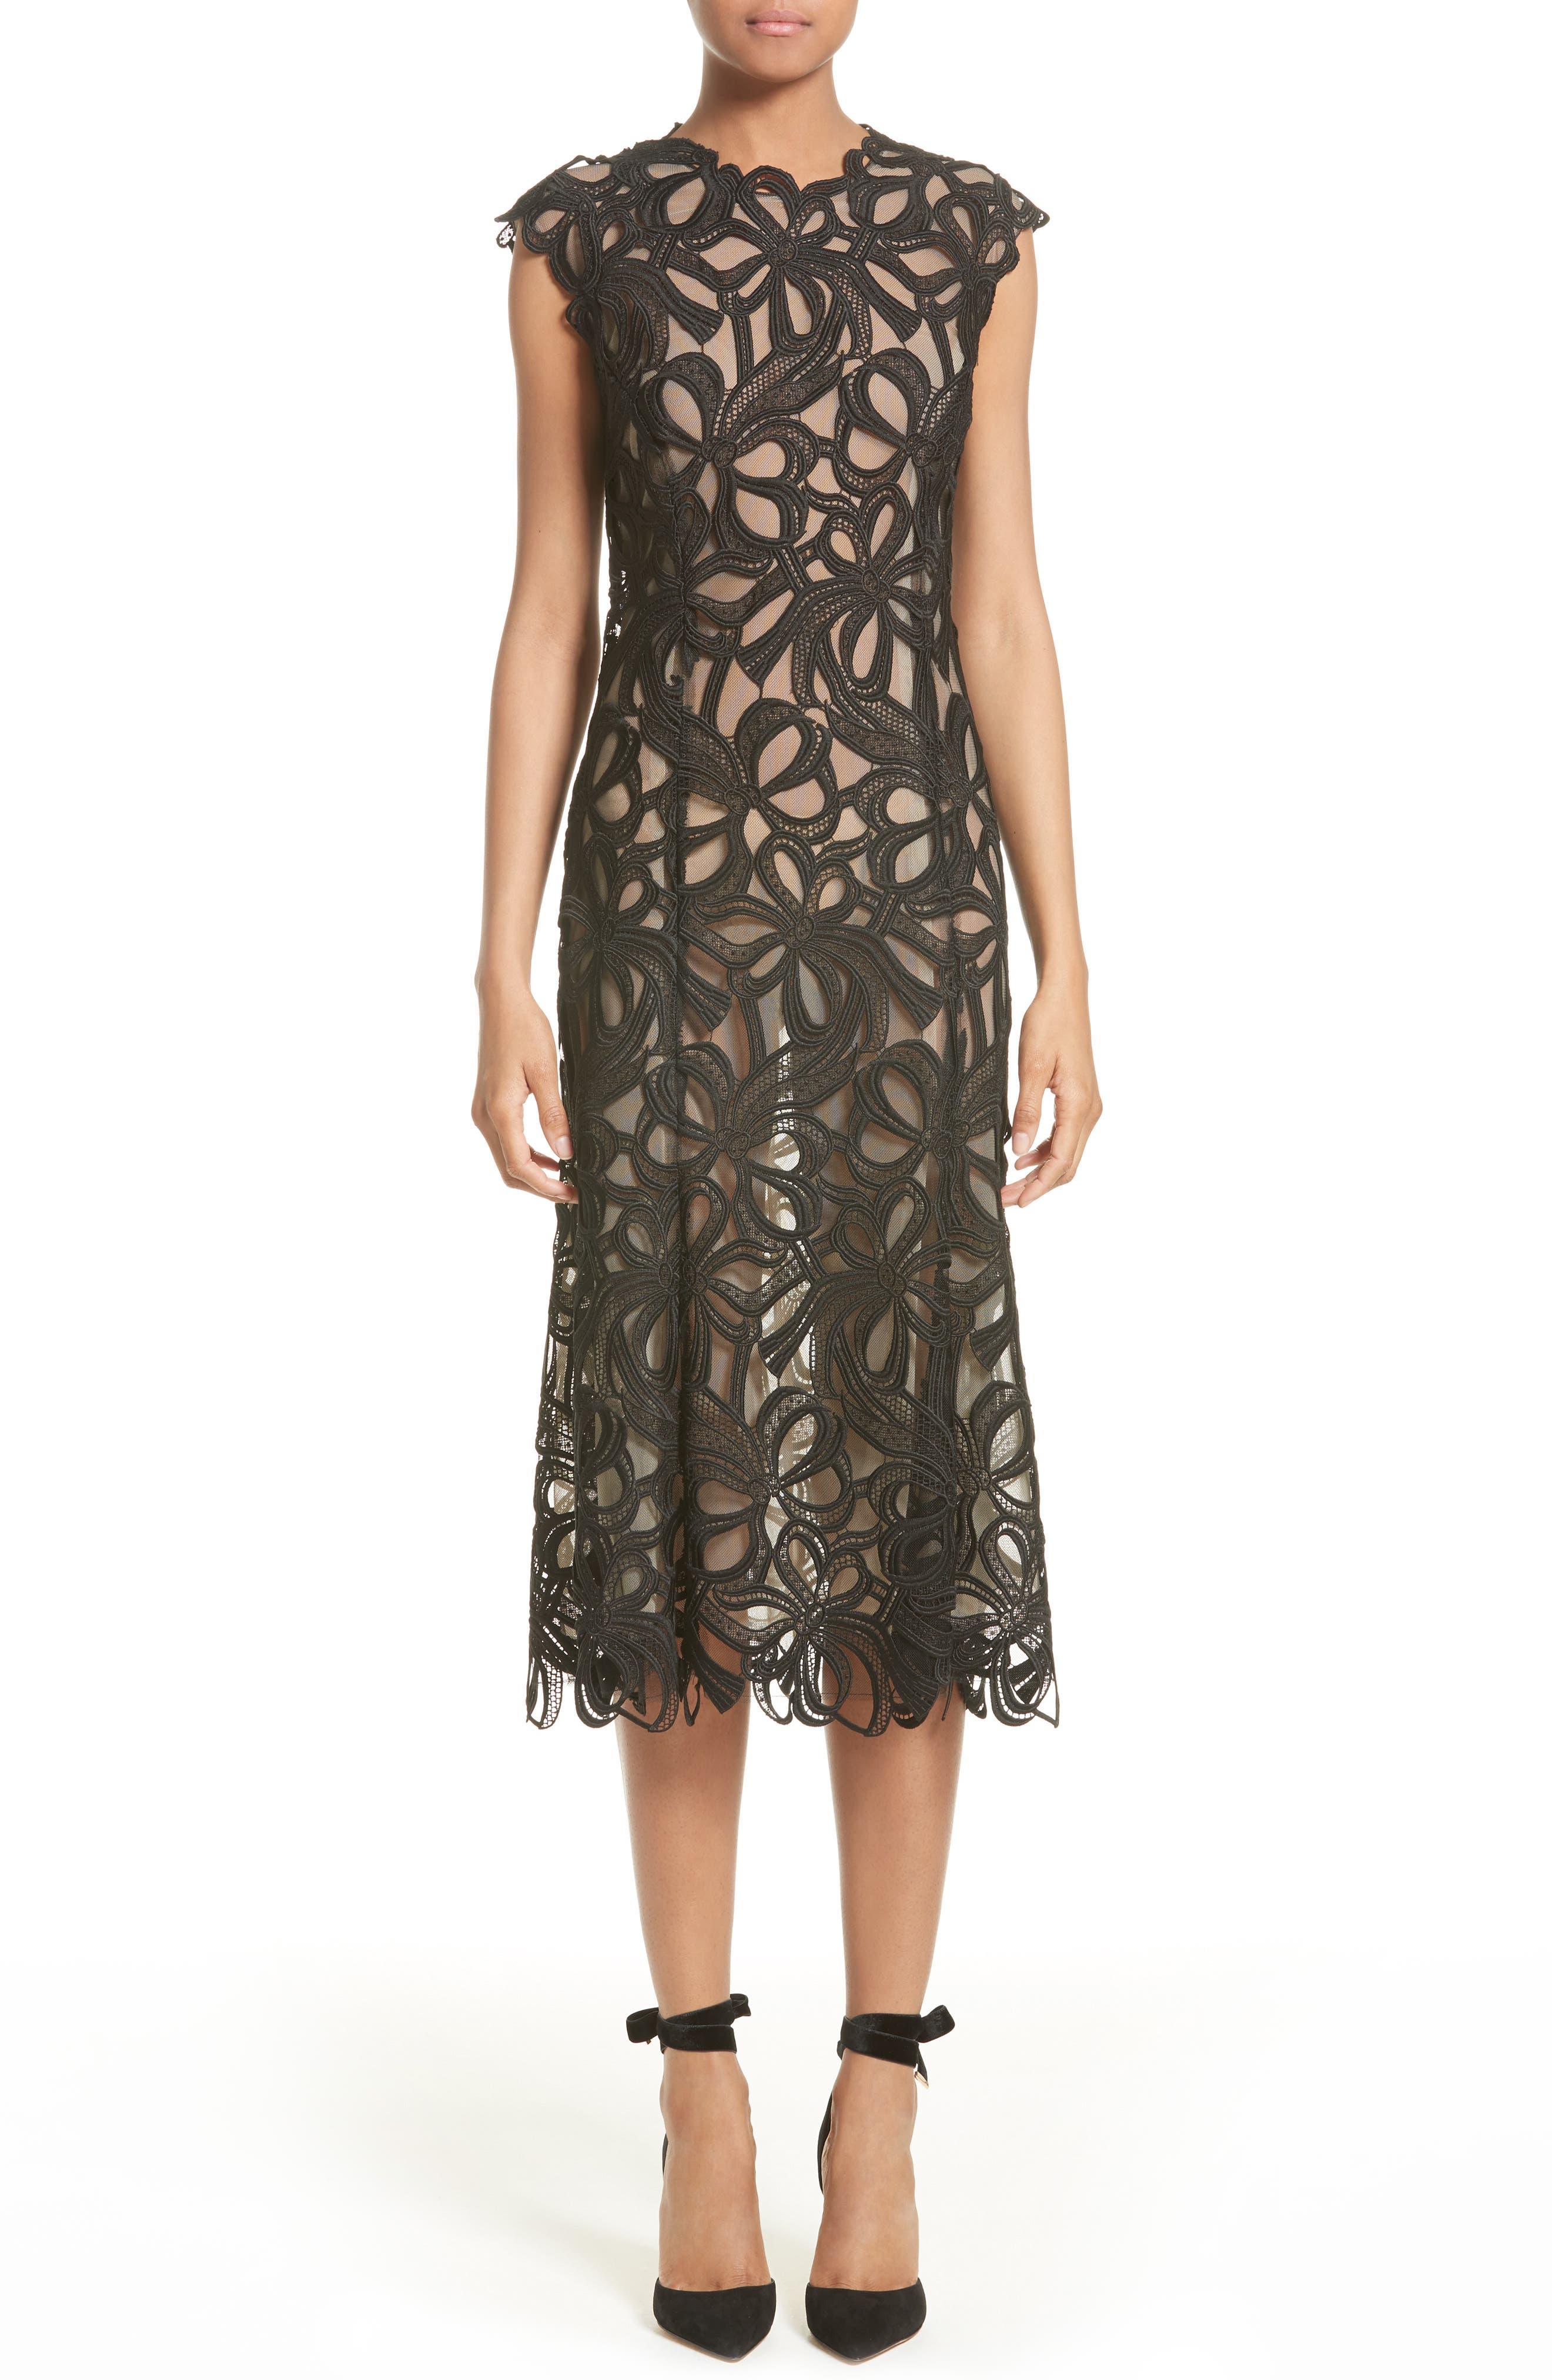 Monique Lhuillier Ribbon Guipure Lace Midi Dress